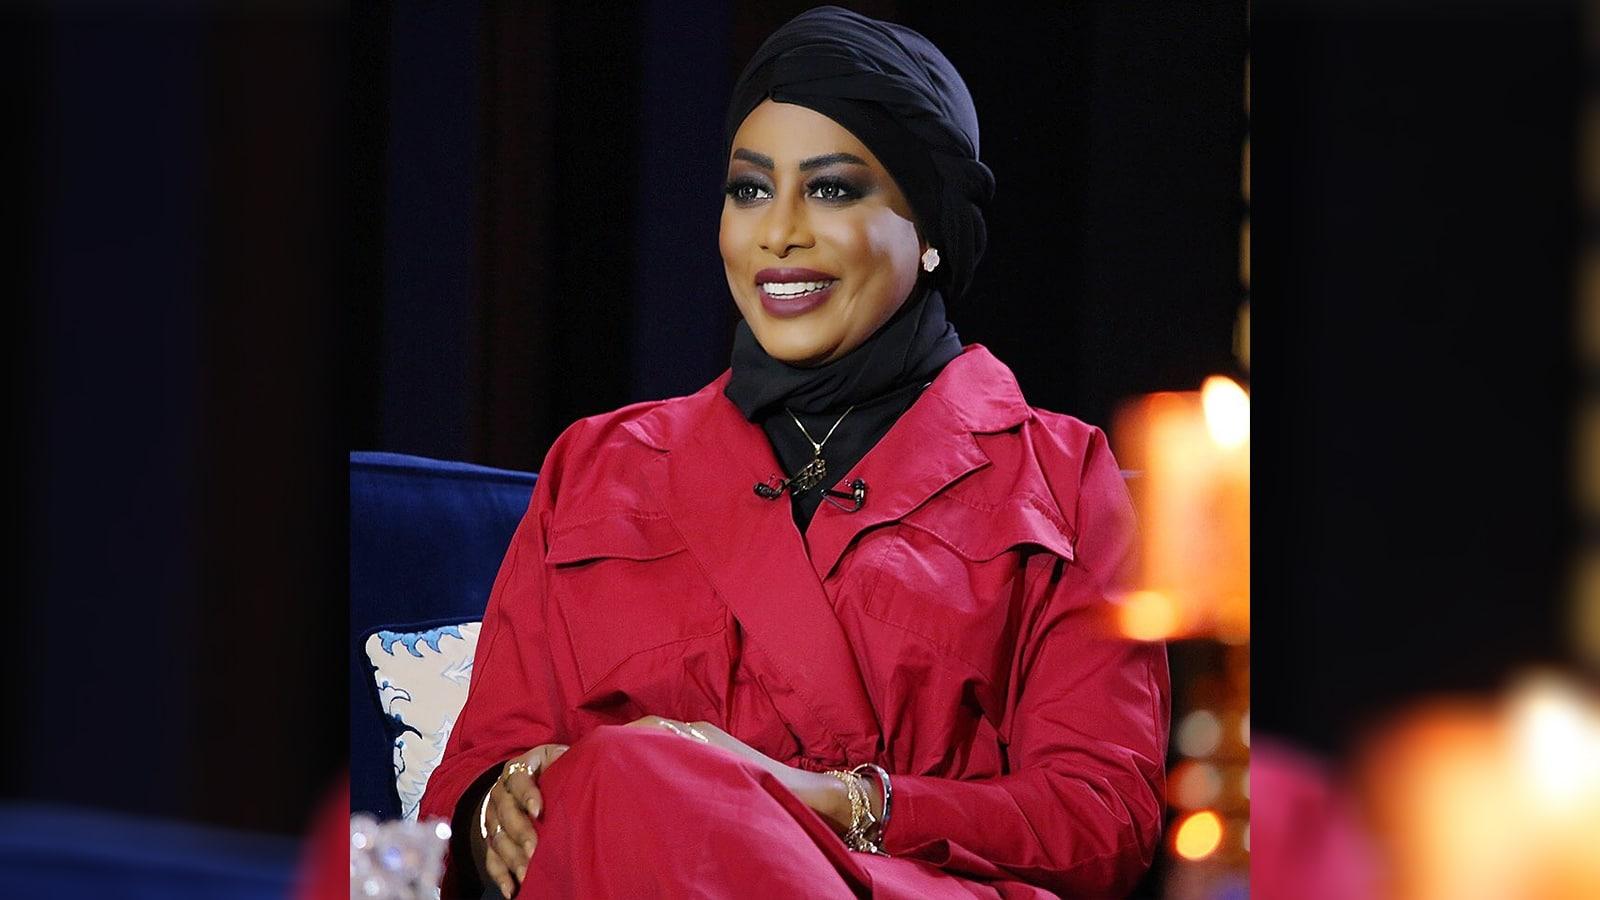 الإعلامية الكويتية إيمان نجم تنجو من الموت بمعجزة في حادث مروع